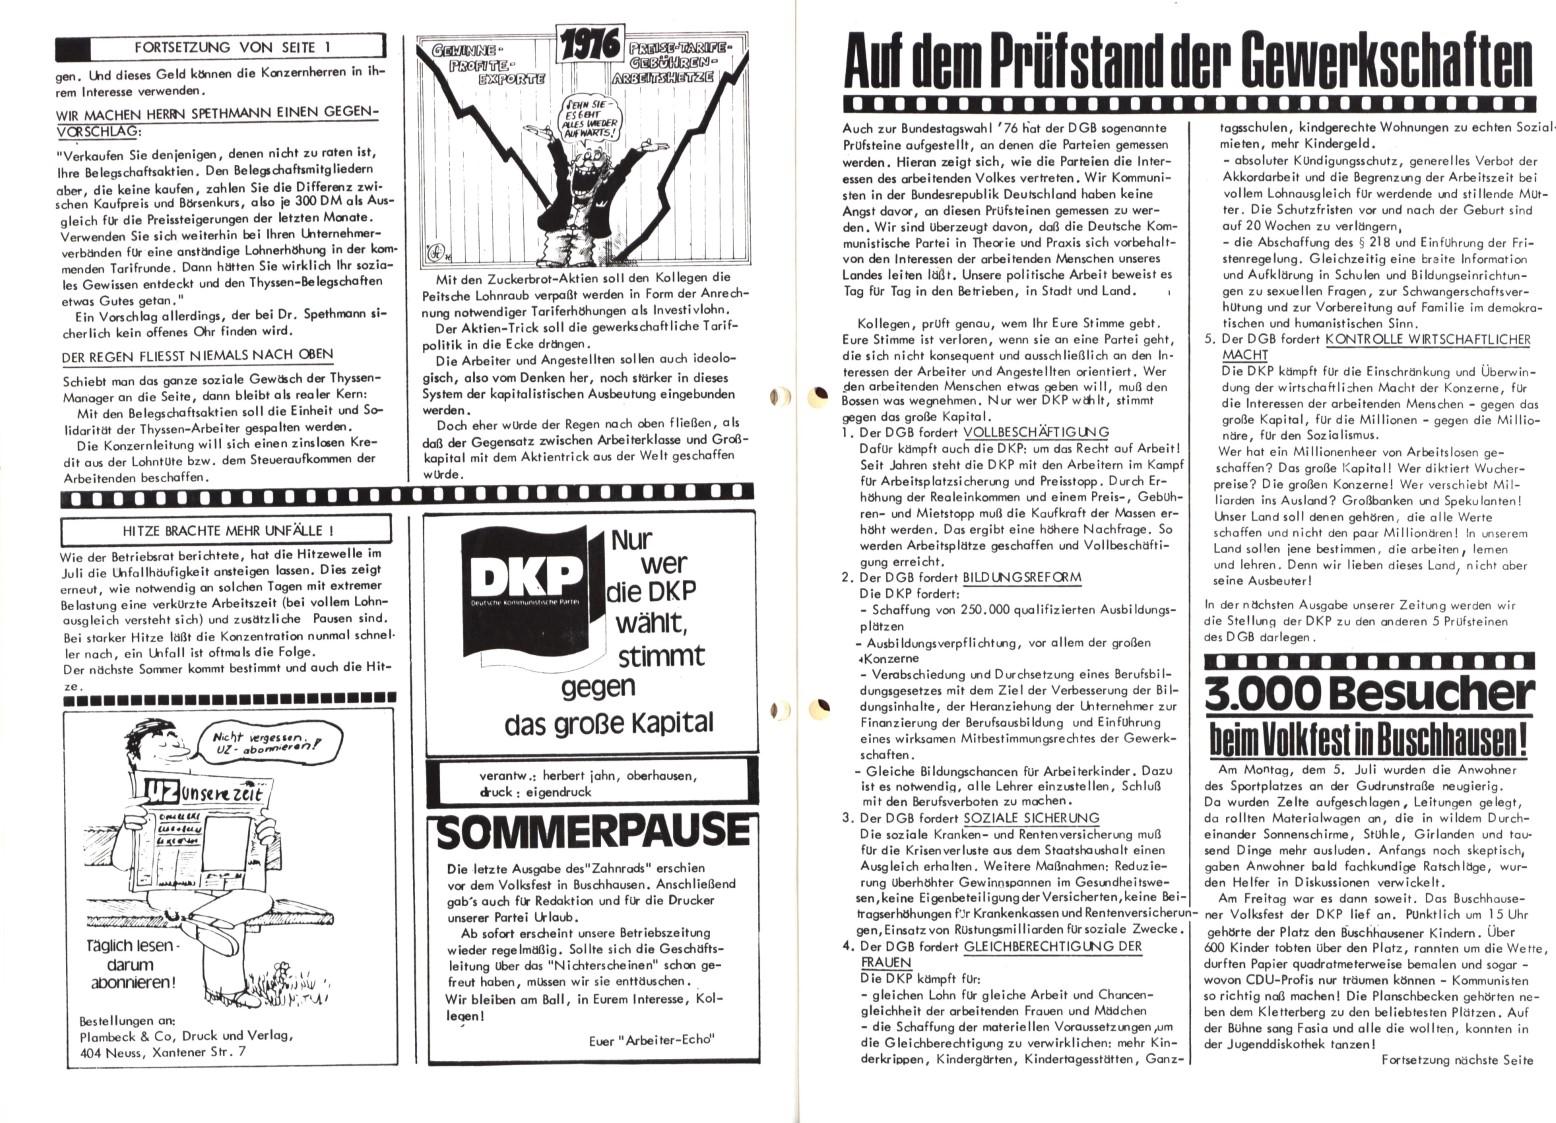 Oberhausen_DKP_Arbeiter_Echo_19760900_002